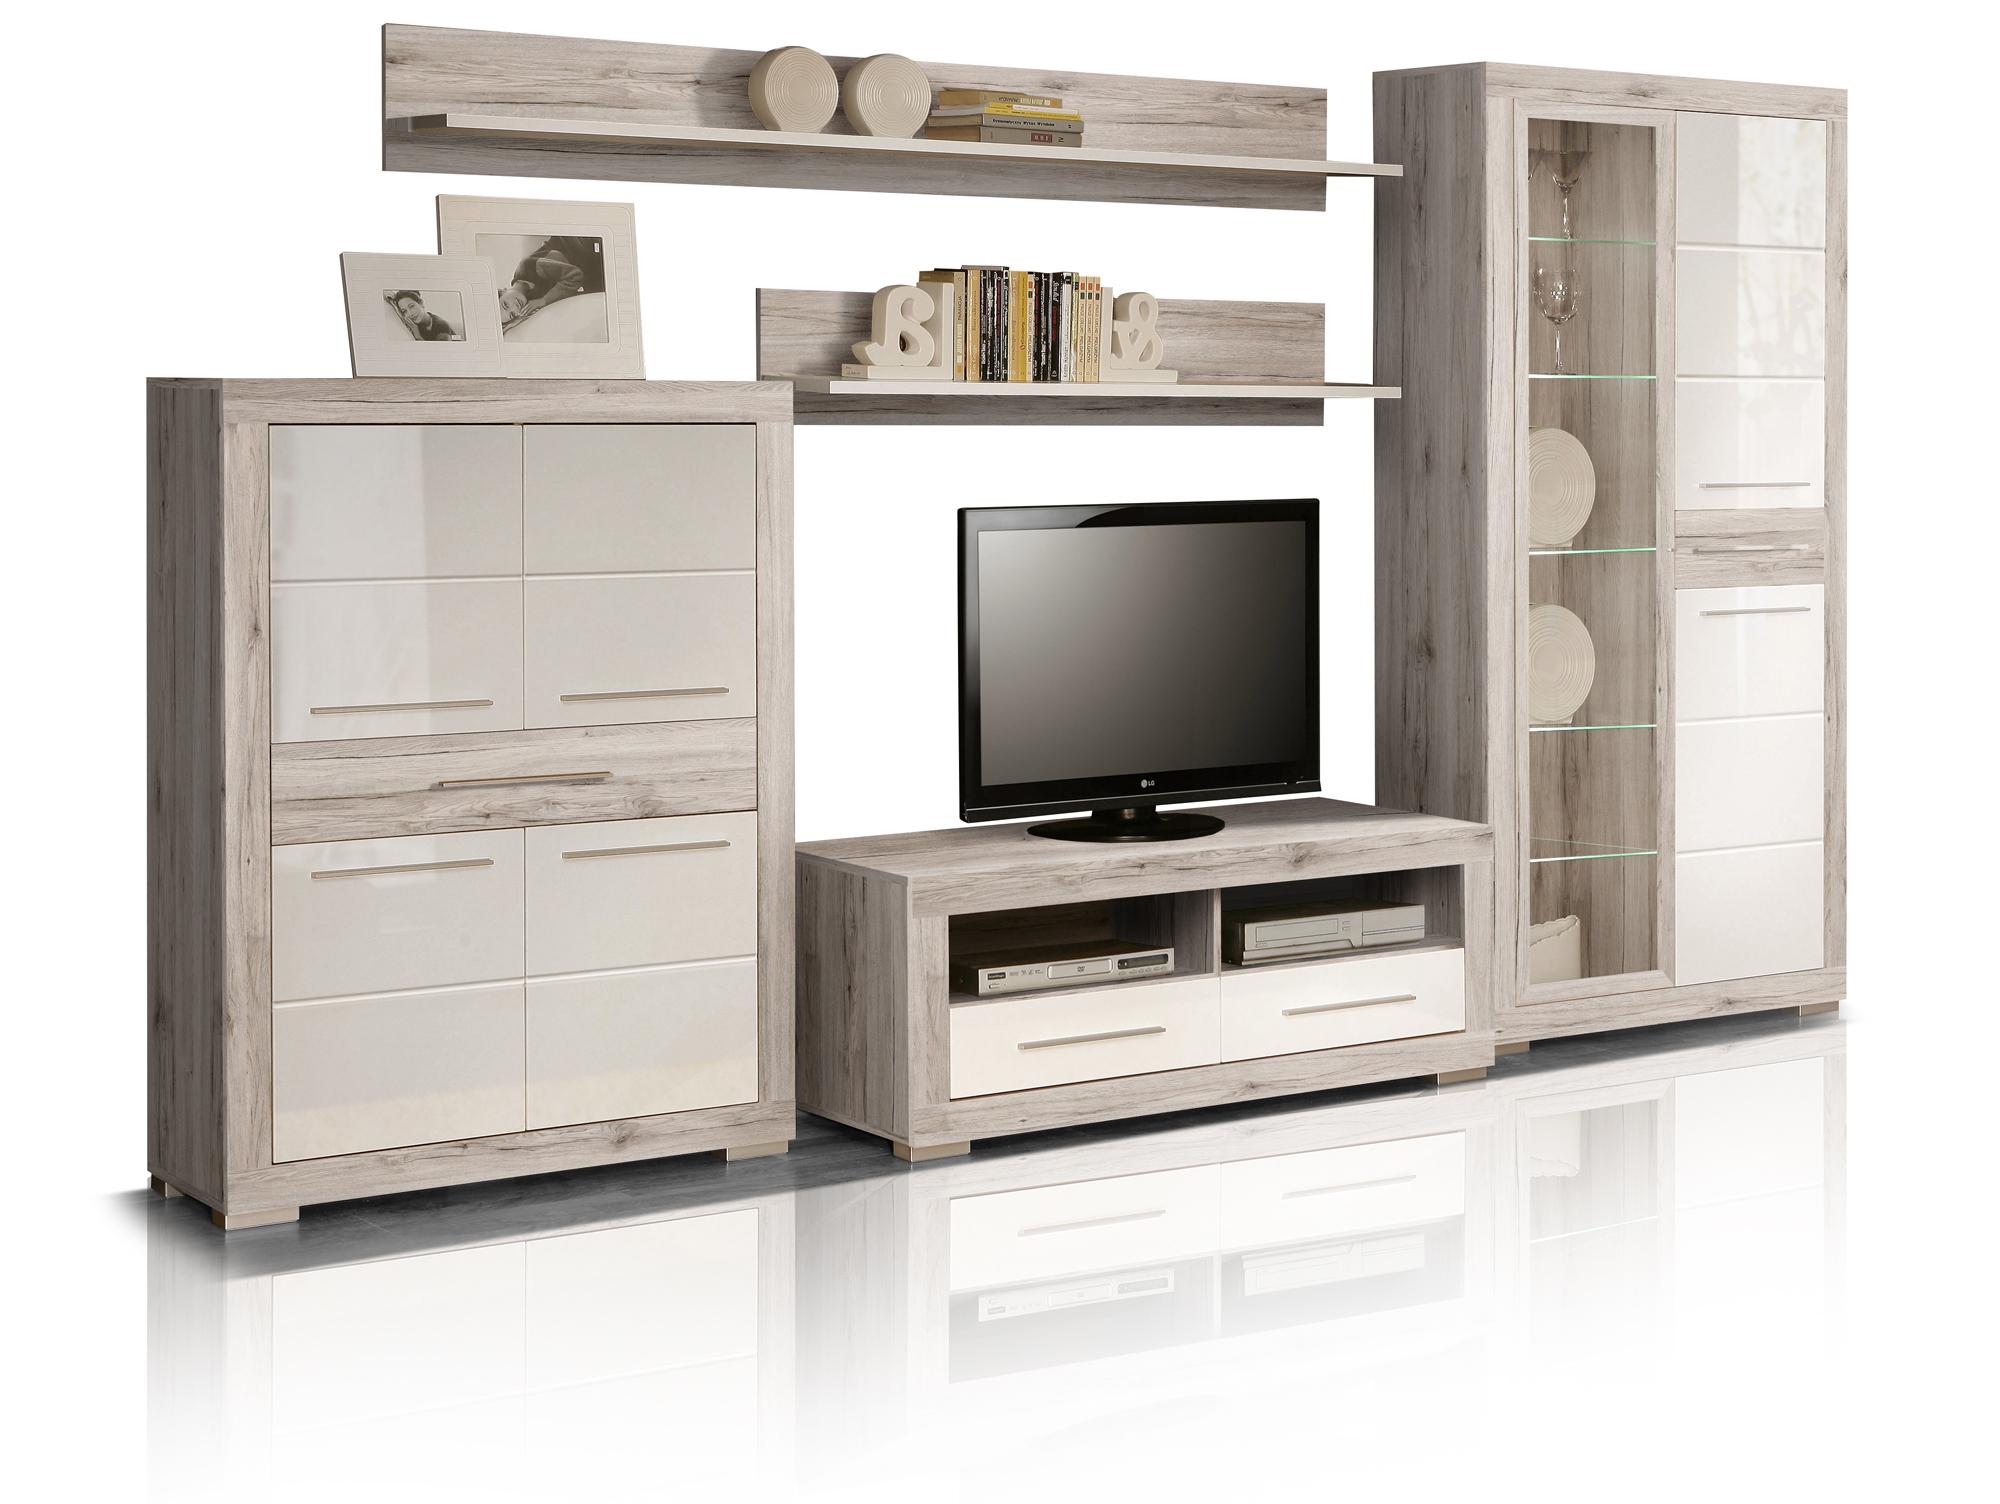 amberg i wohnwand sandeiche/weiß hochglanz, Gestaltungsideen